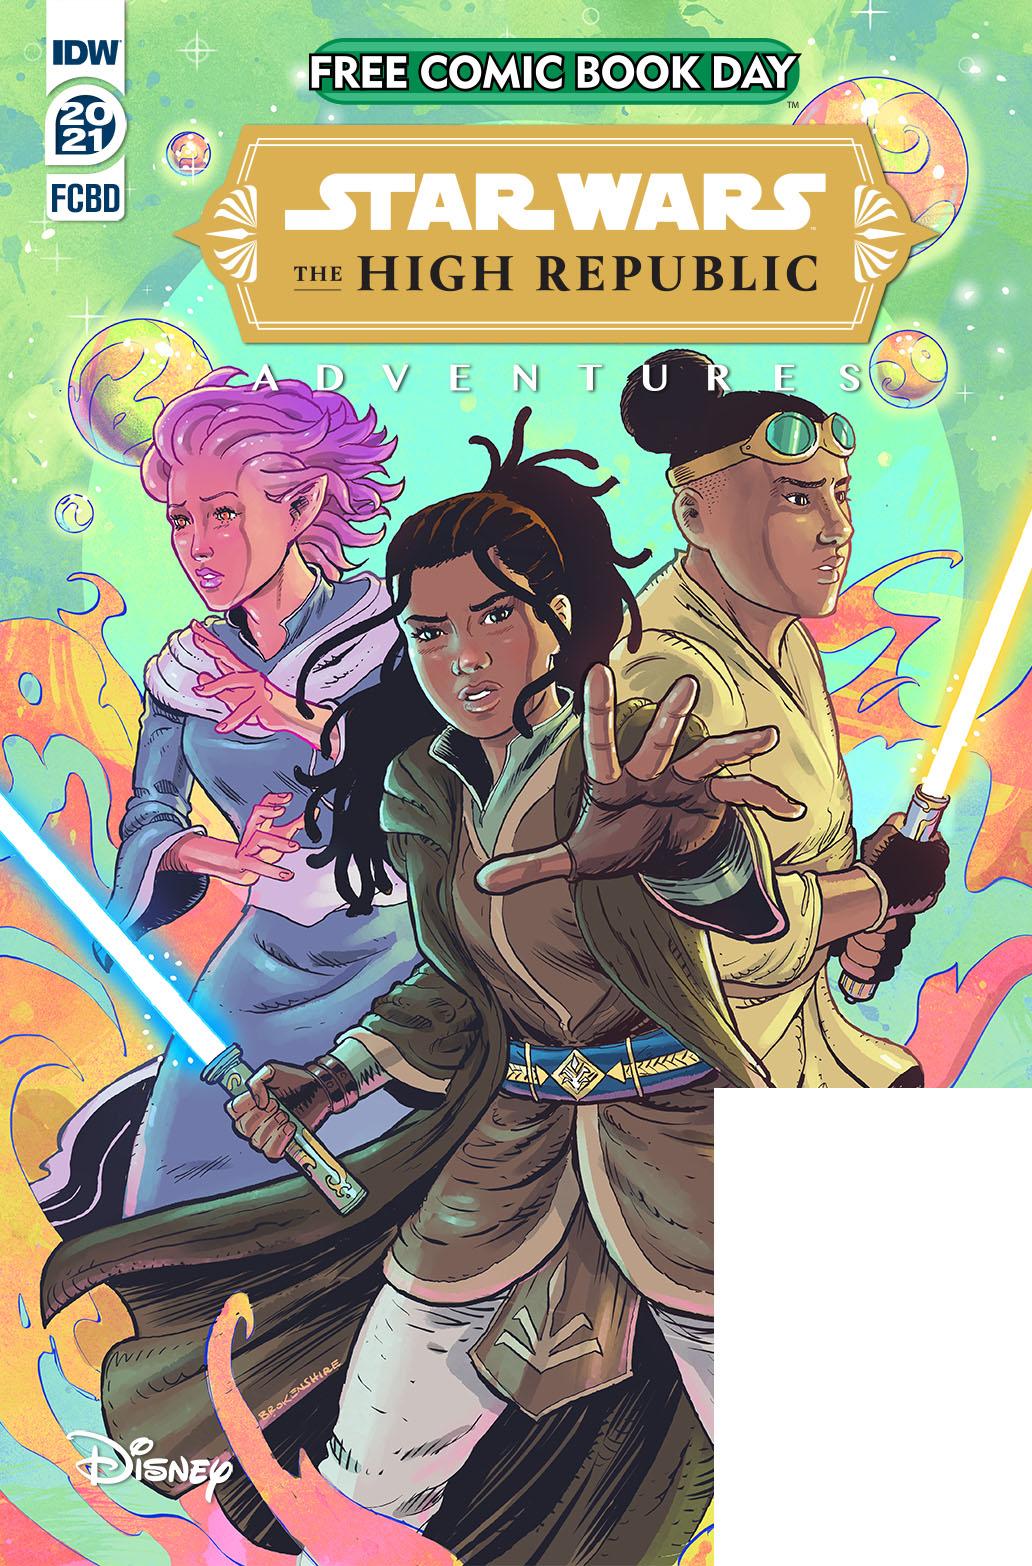 StarWarsHighRepublic-FCBD2021-A-copy IDW Publishing June 2021 Solicitations